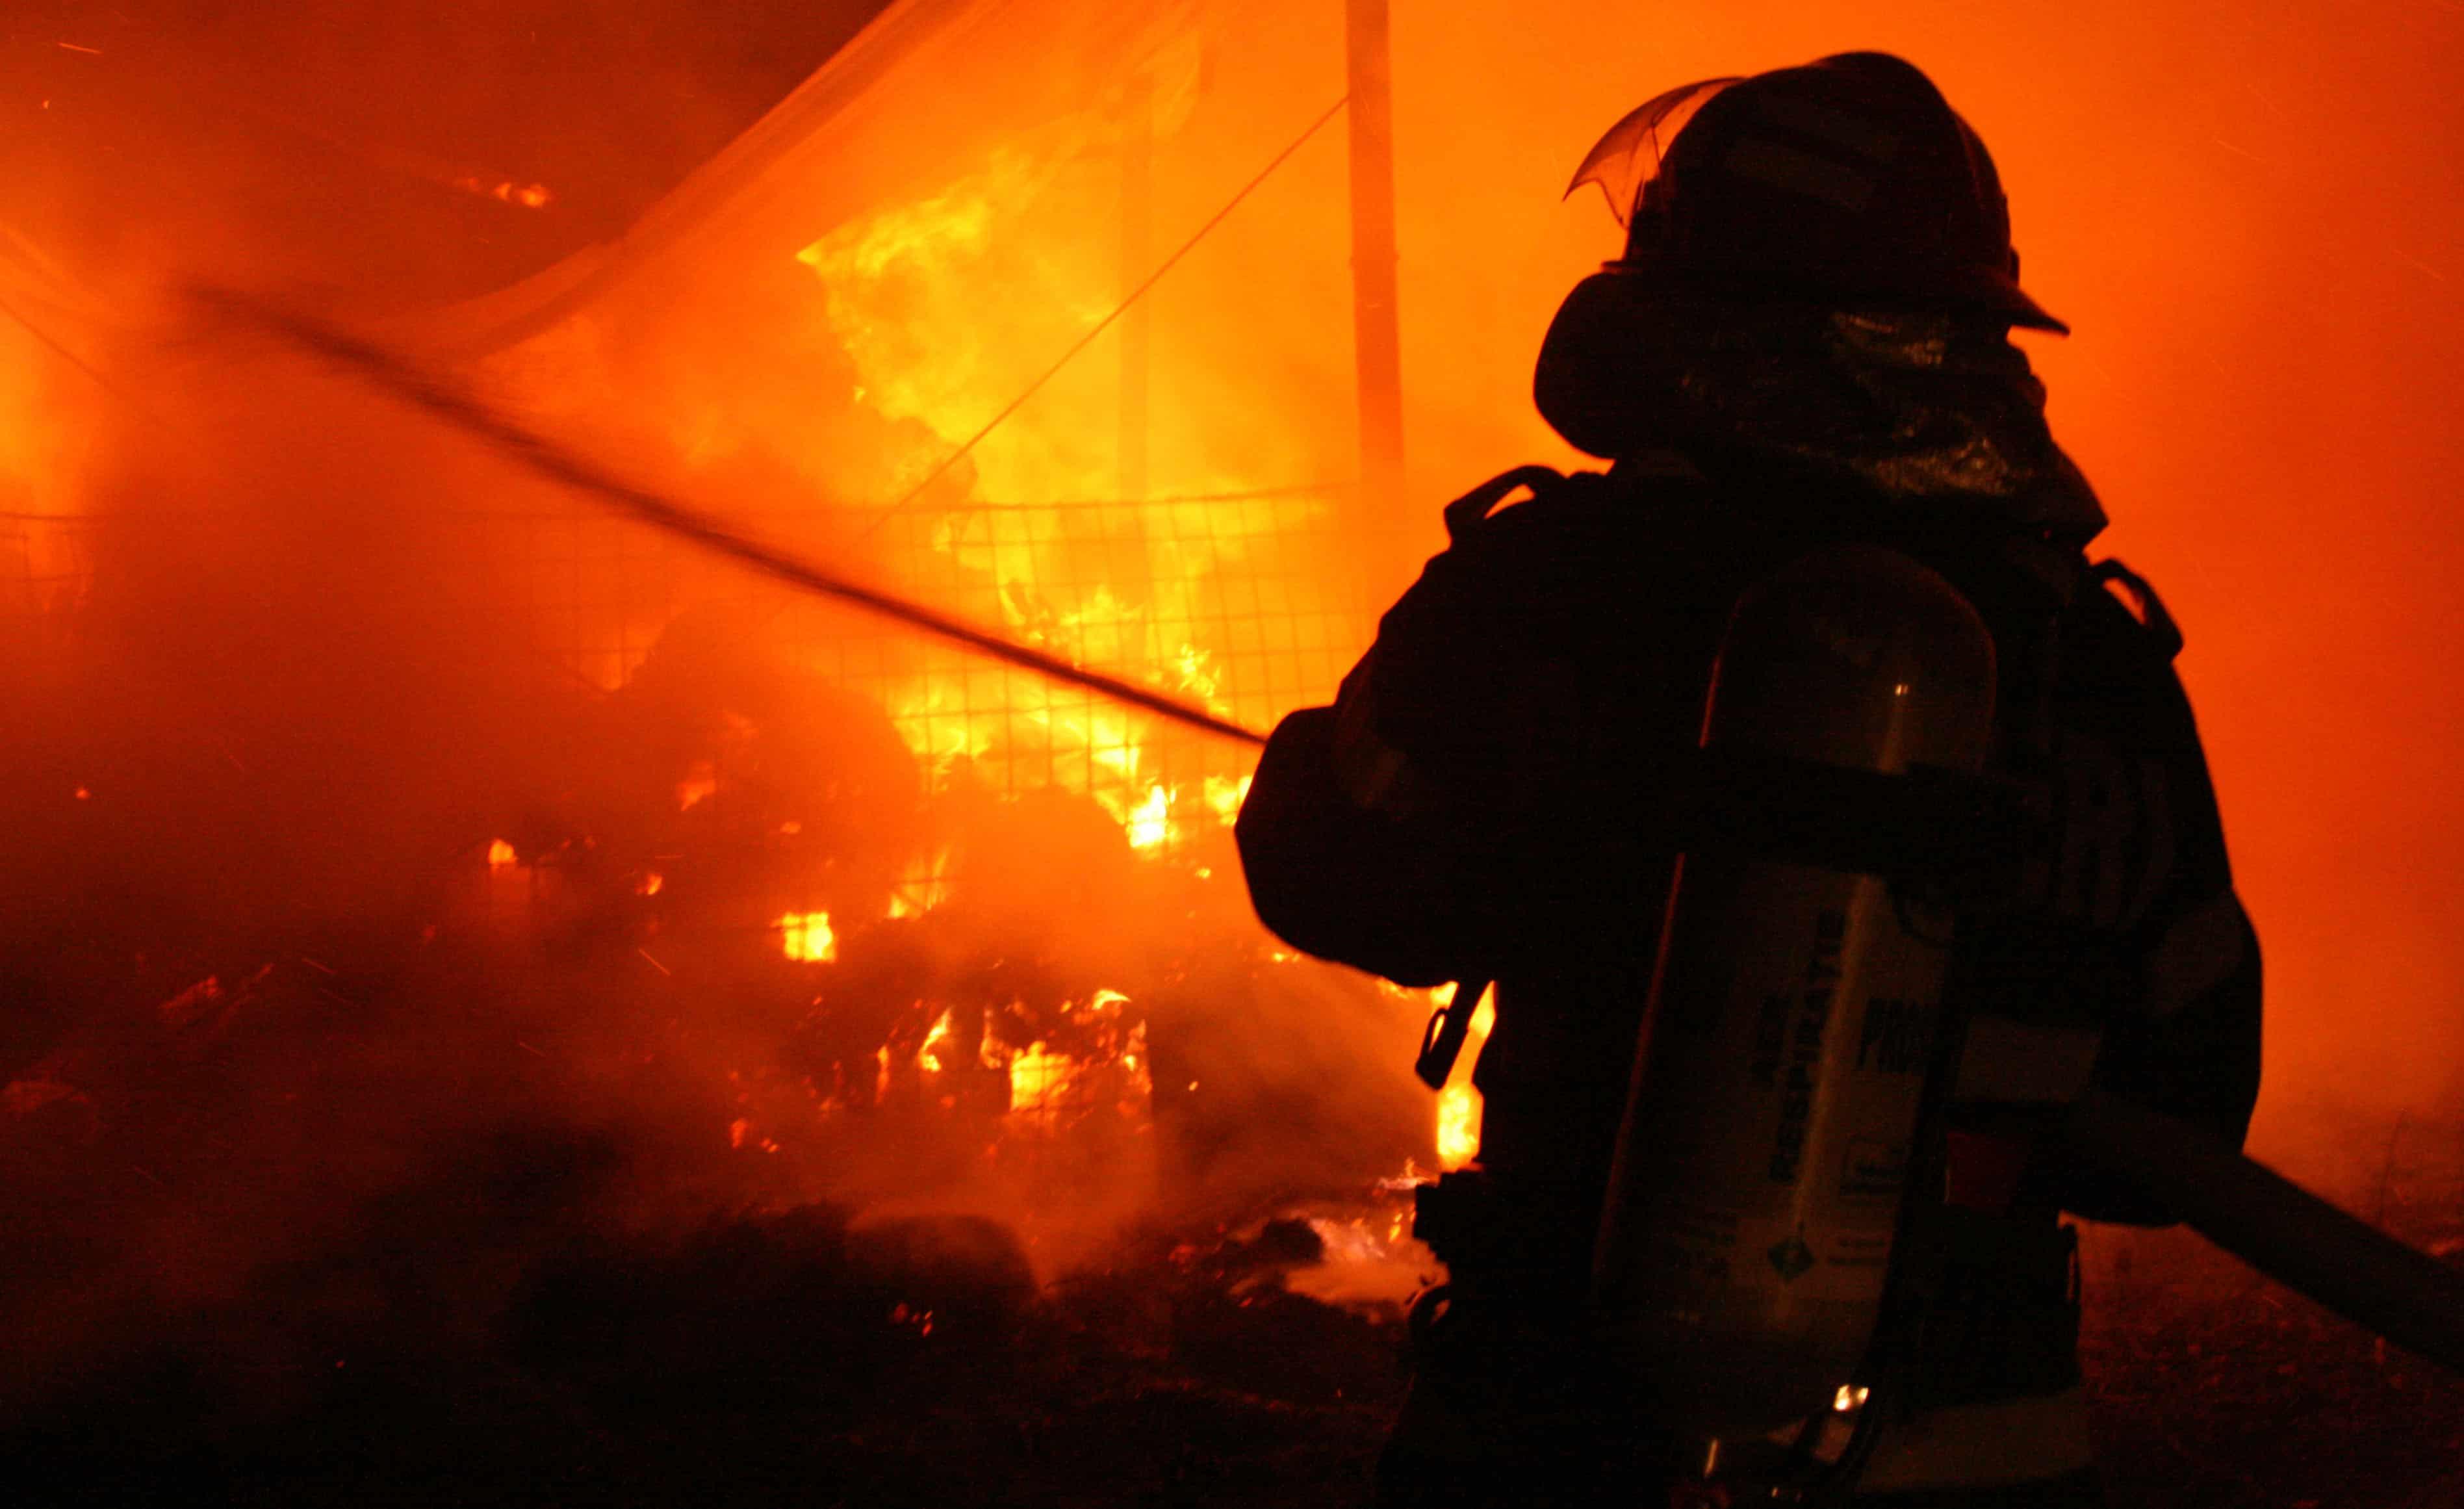 Măsuri de prevenire pentru situații de urgență